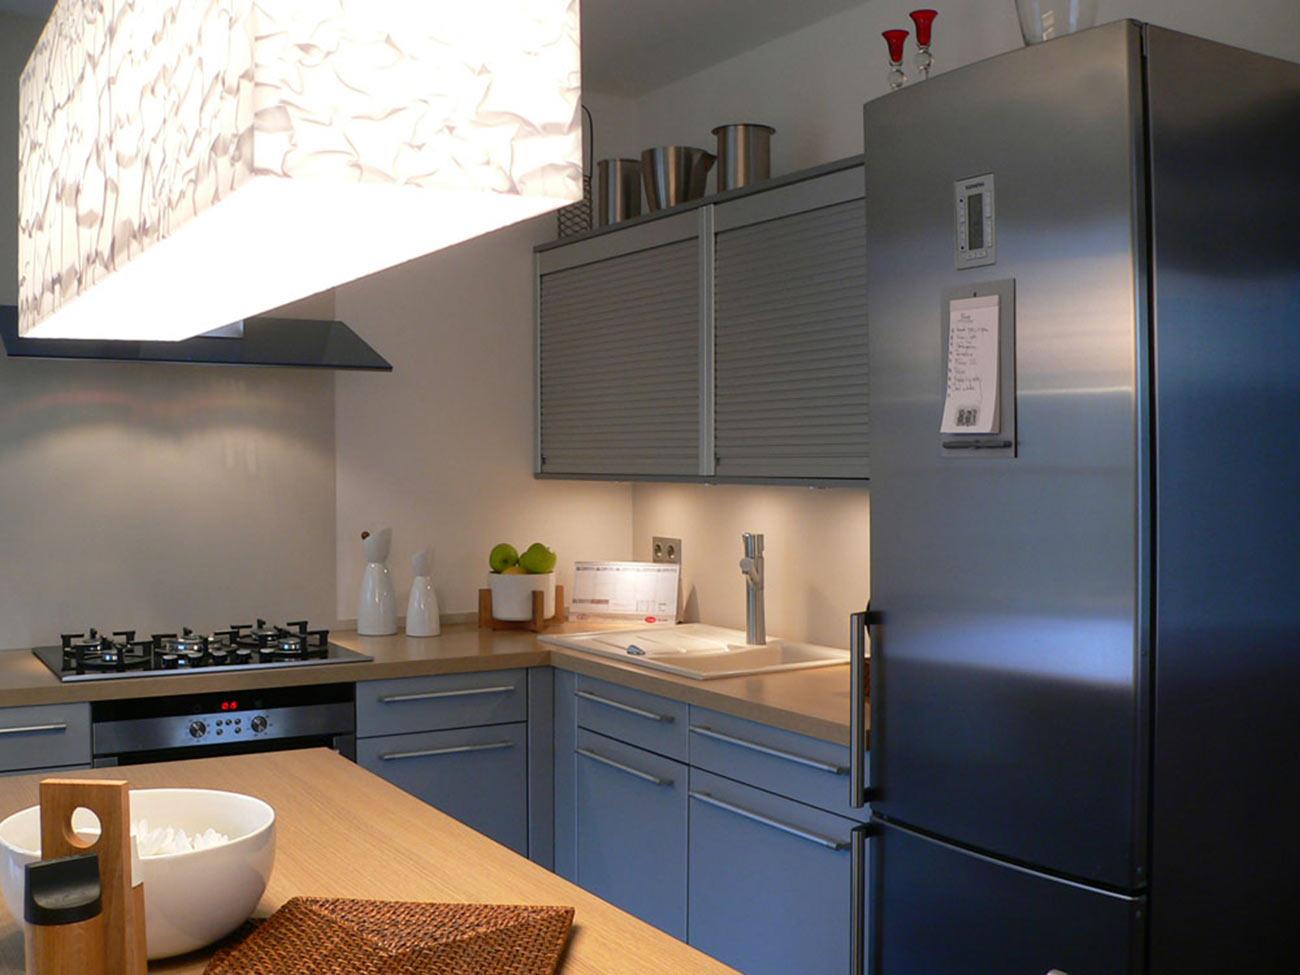 Jednoduchá a velmi střídmá kuchyňská linka.